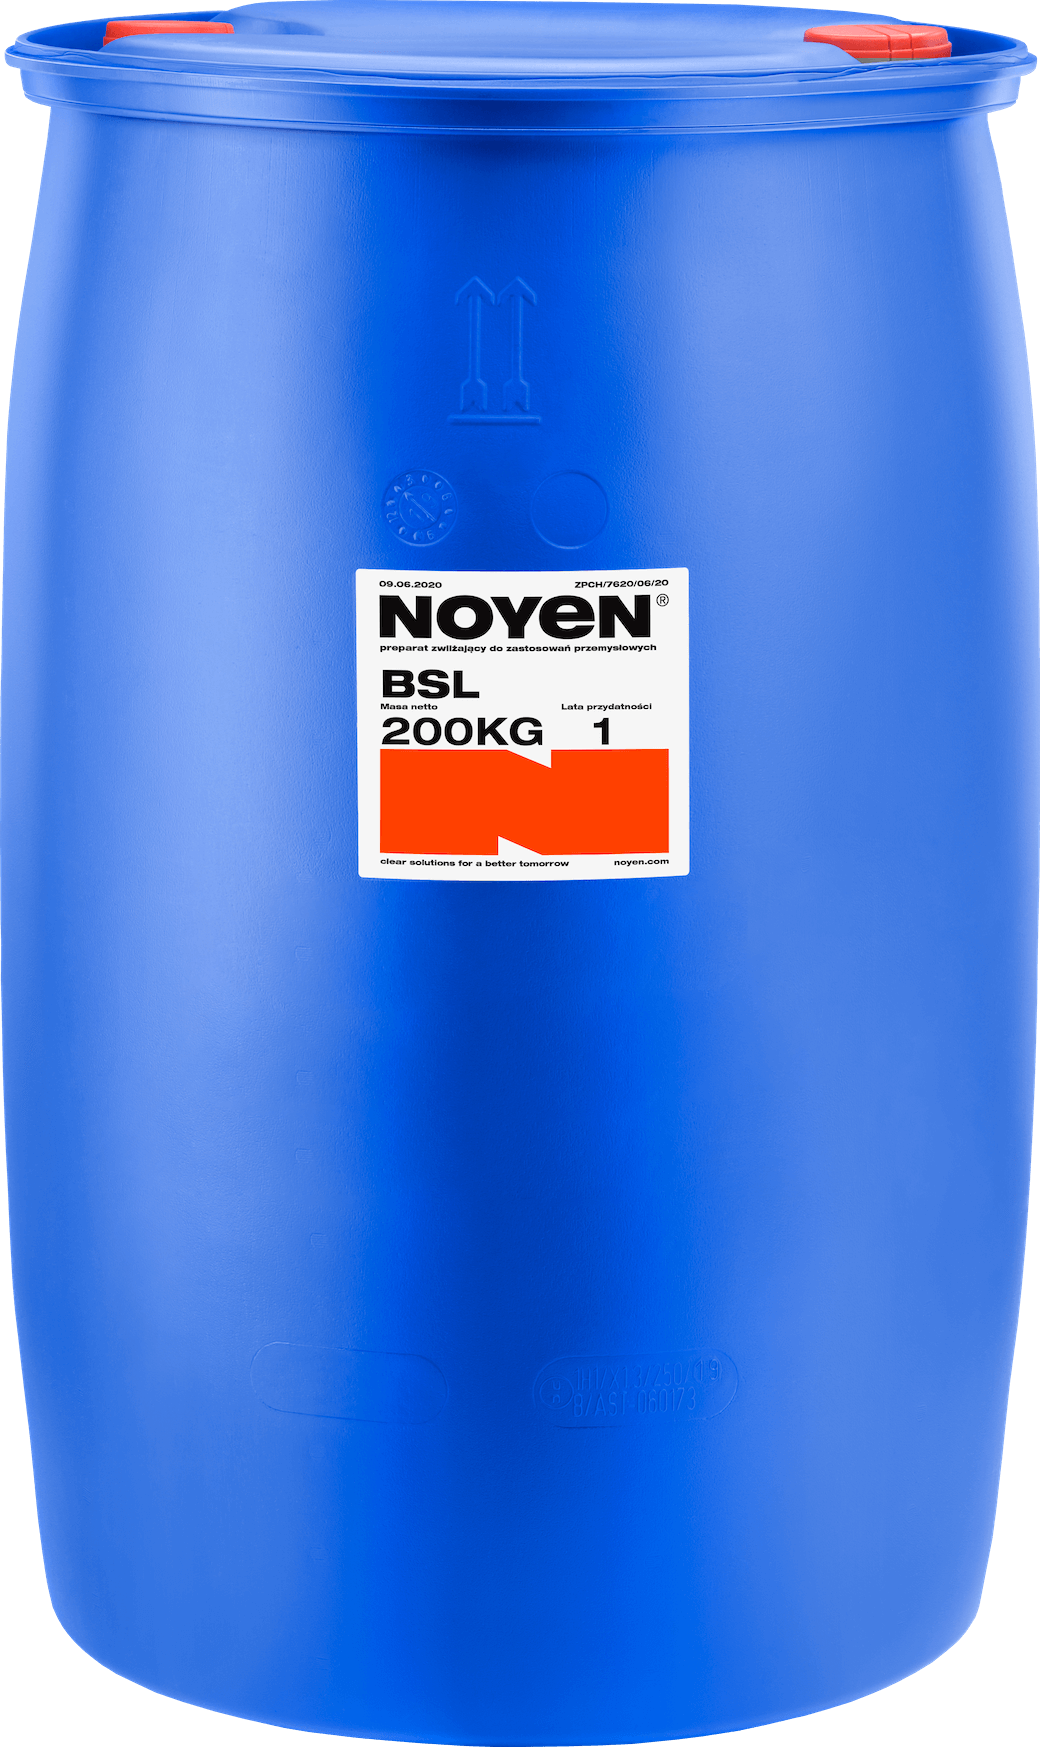 BSA NOYEN 200 KG preparat zwilżający do zastosowań przemysłowych w niebieskiej beczce